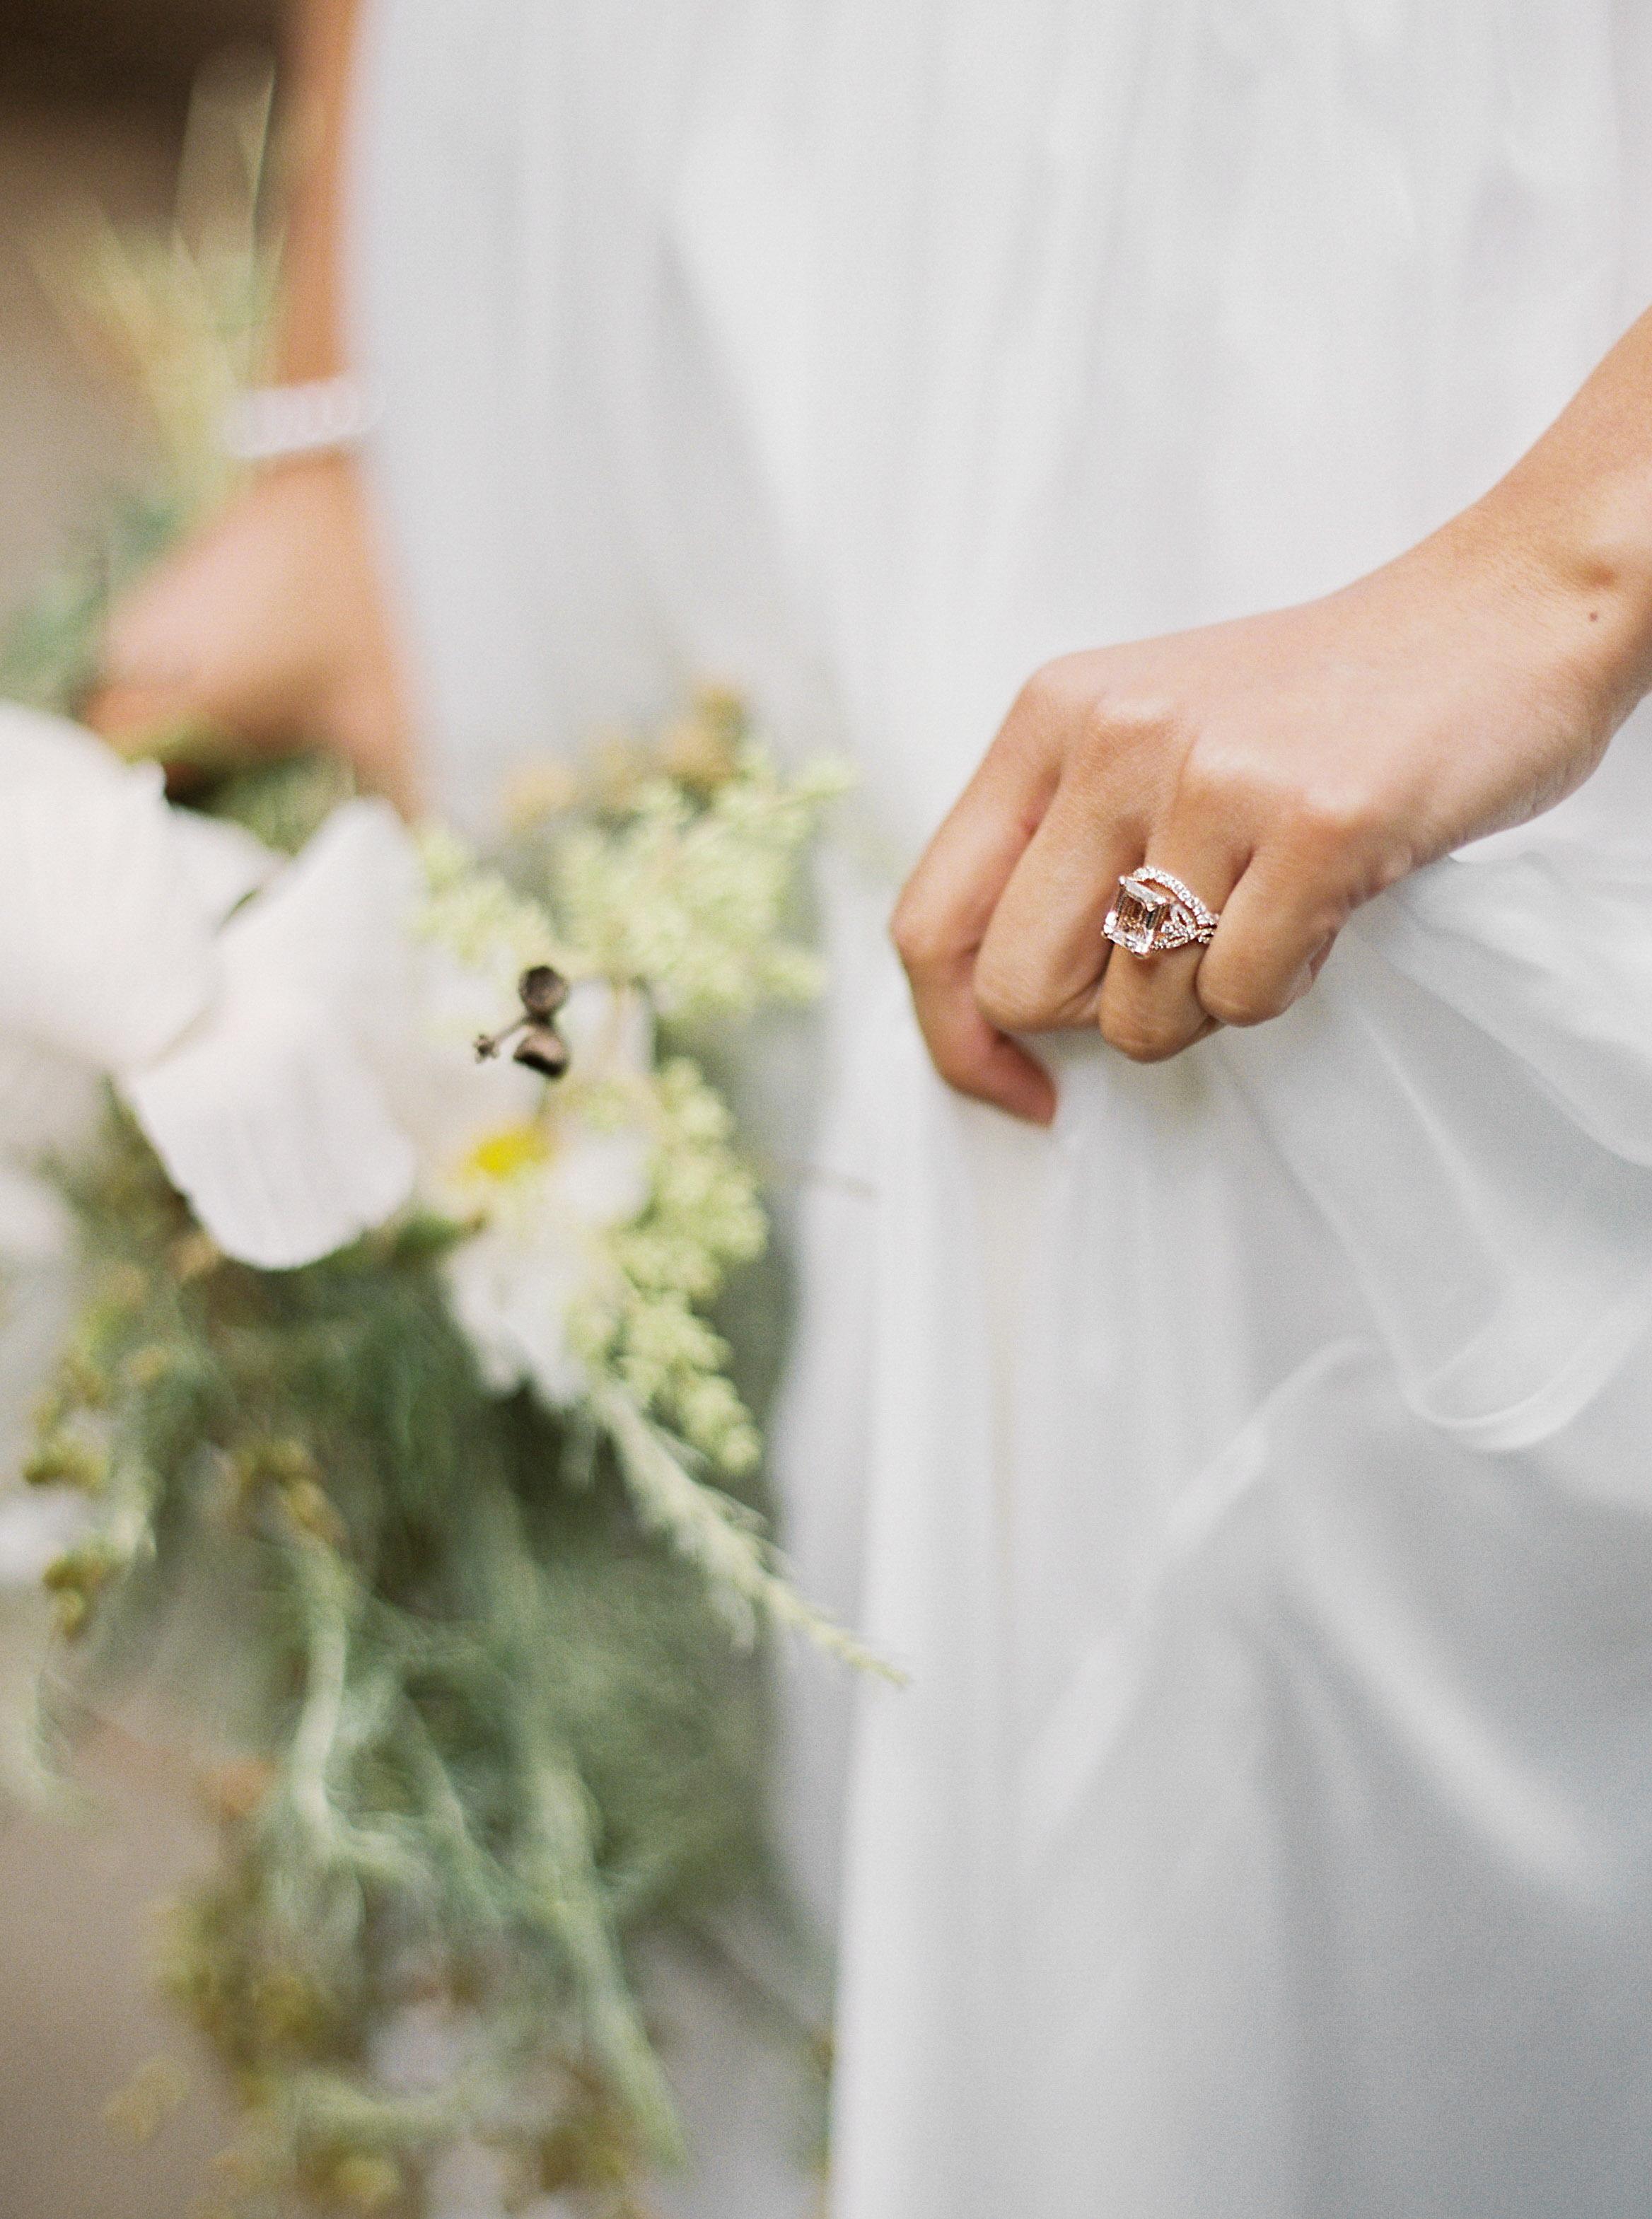 005_Krysten-Crebin-Muir-Woods-Elopement-Wedding-Photographer.jpg